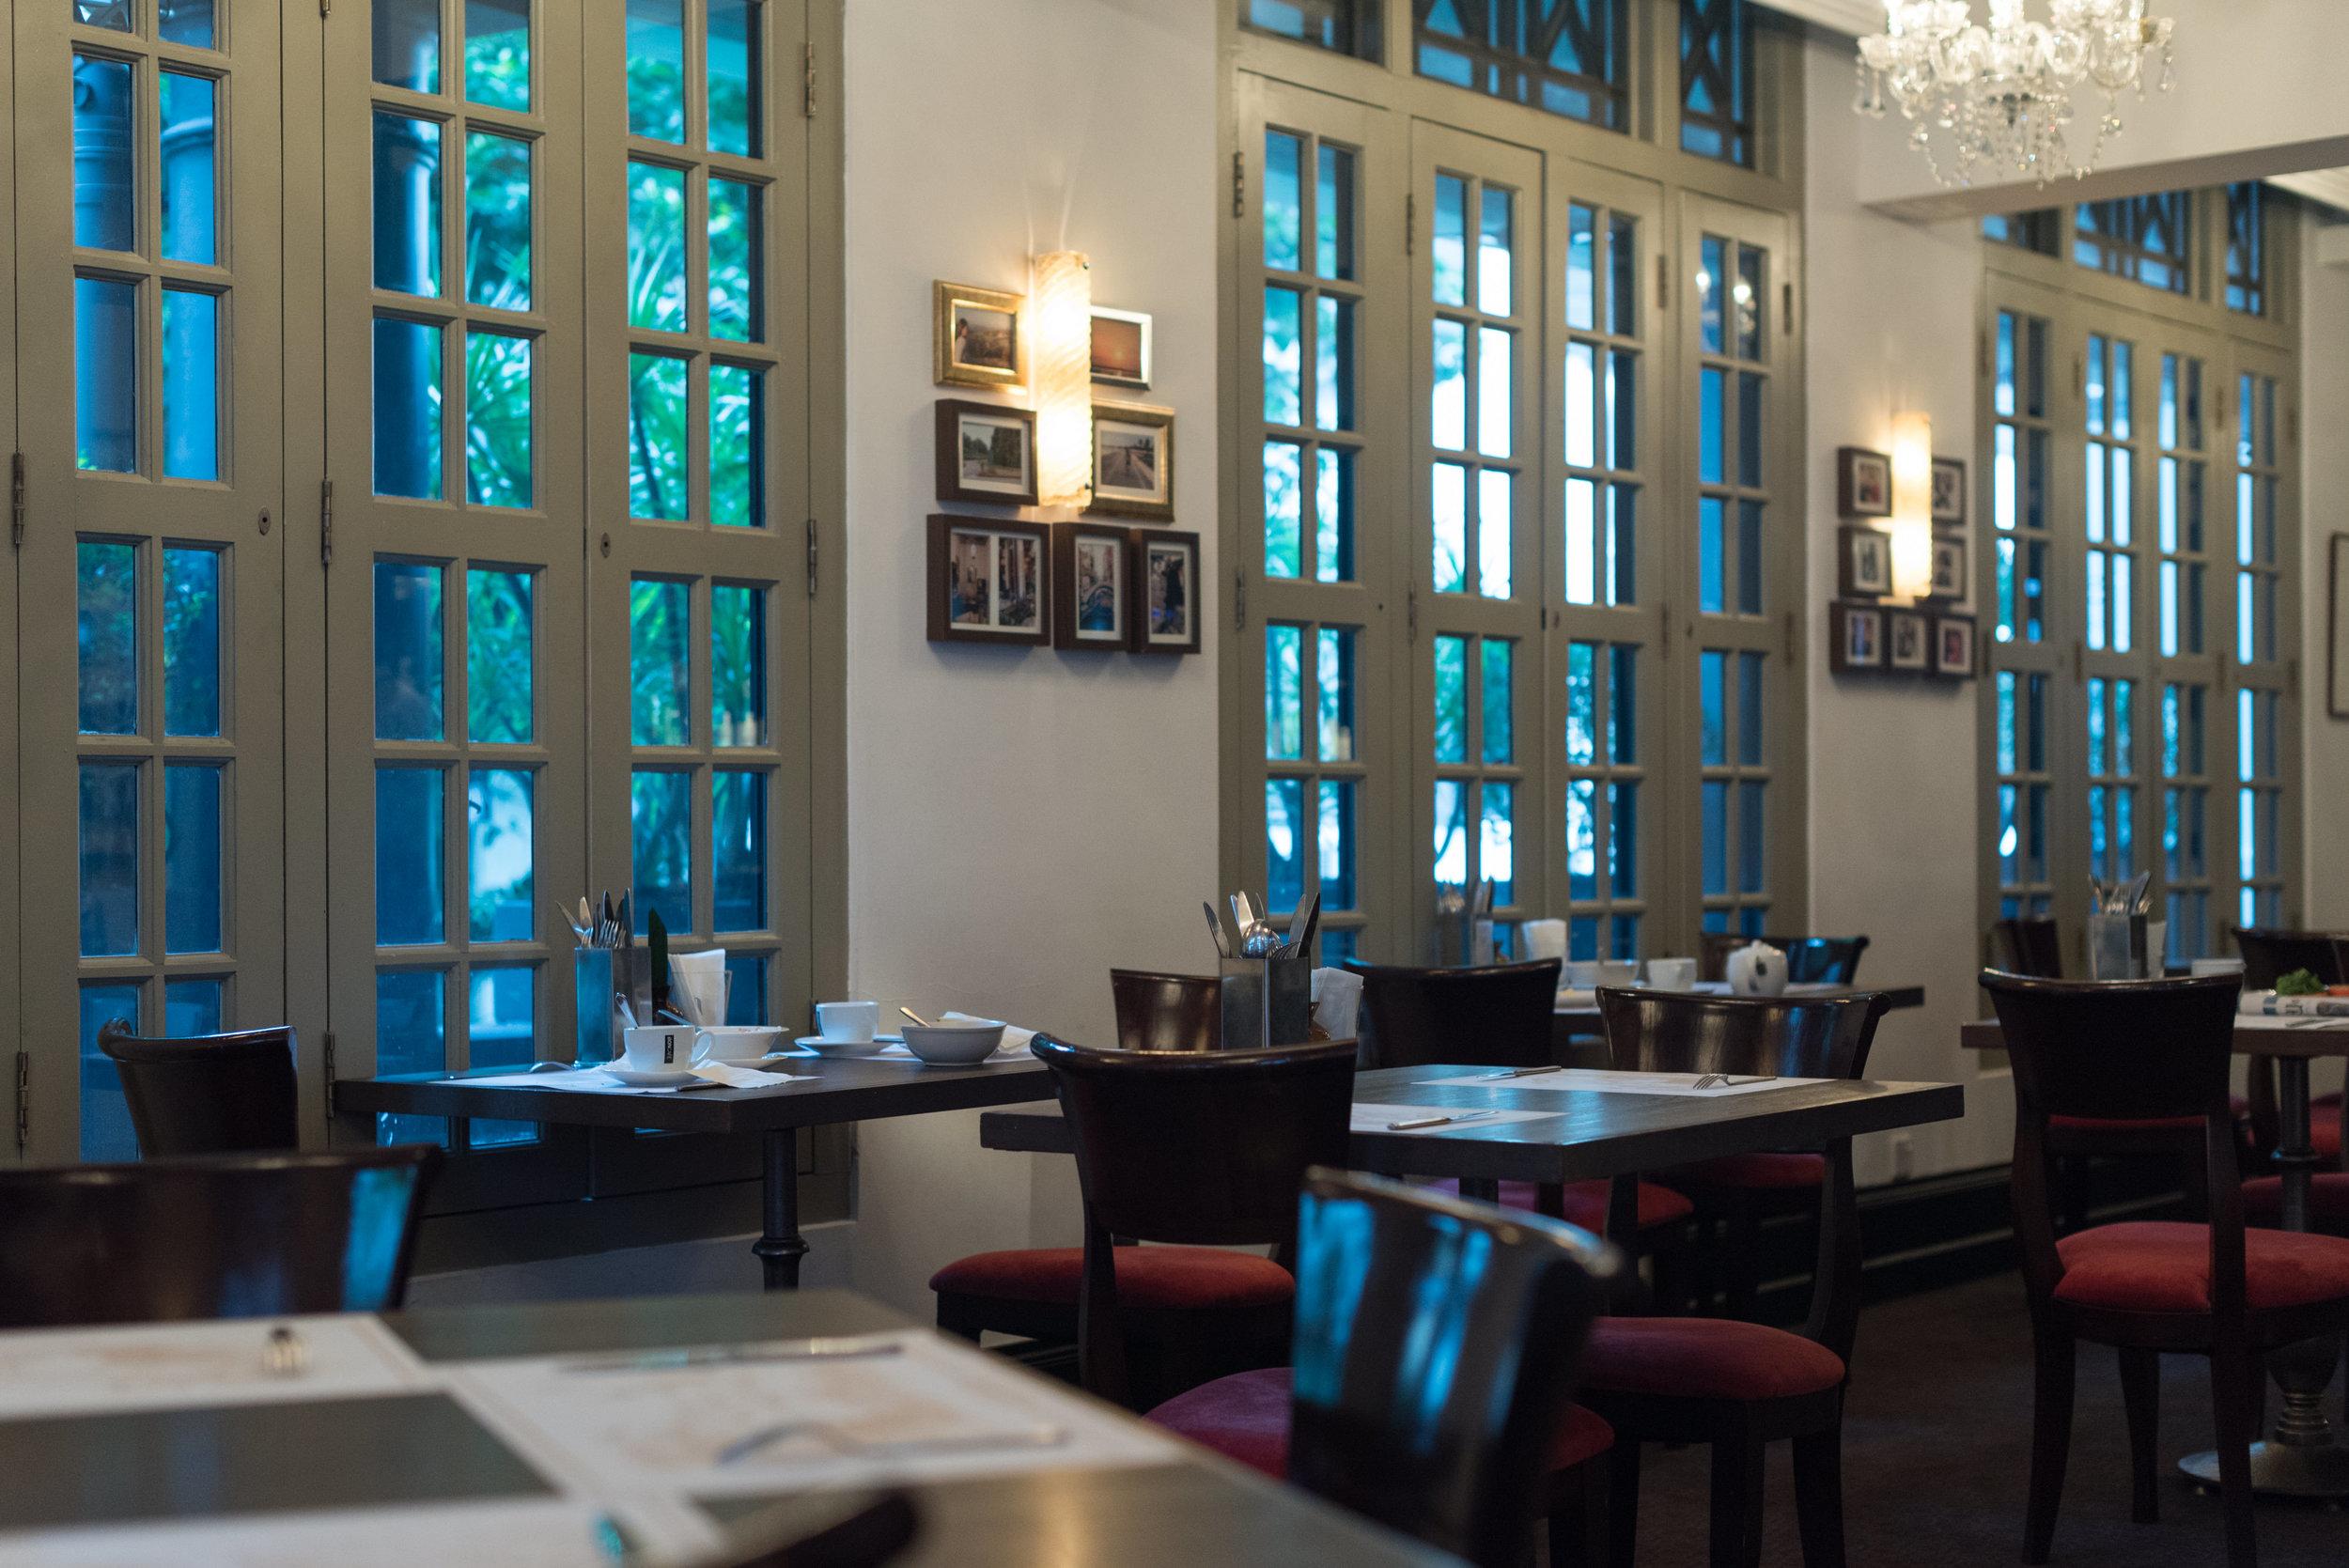 Buffet Breakfast  Casa Tartufo - The Scarlet Singapore